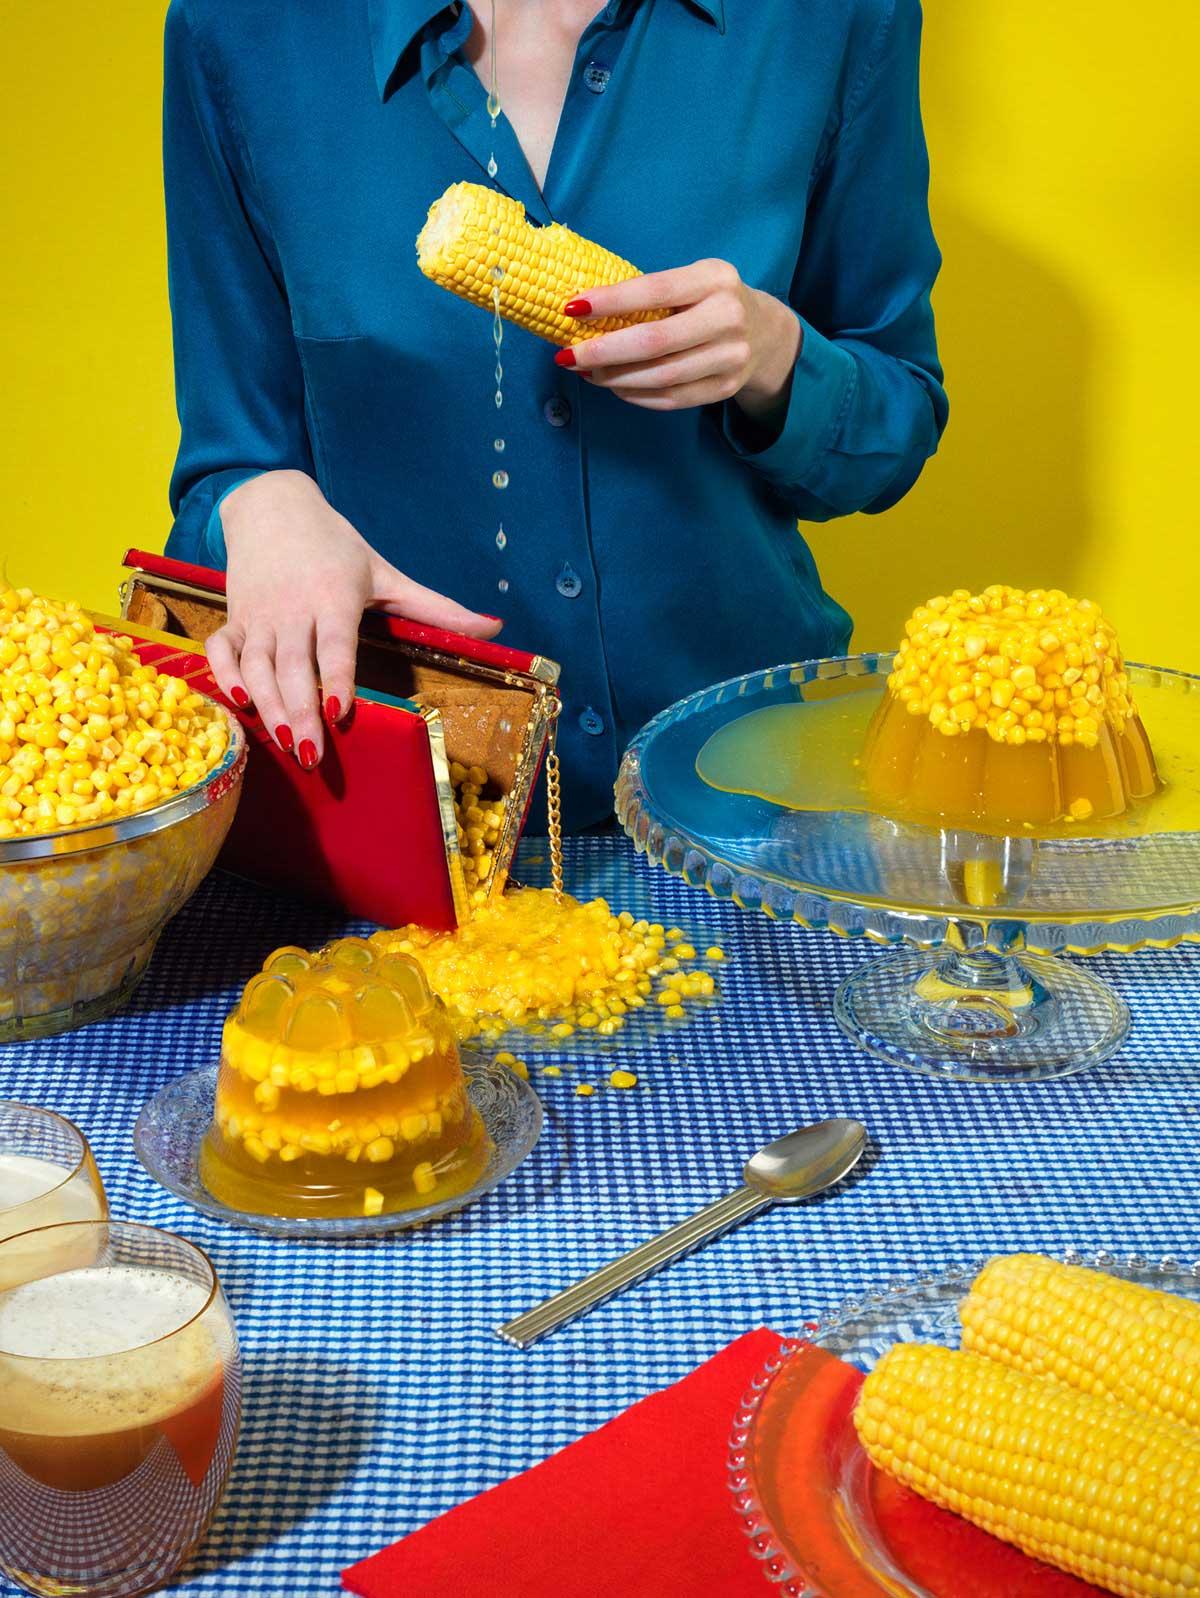 Mujer con blusa azul, bolso rojo, mazorcas y granos de maíz.